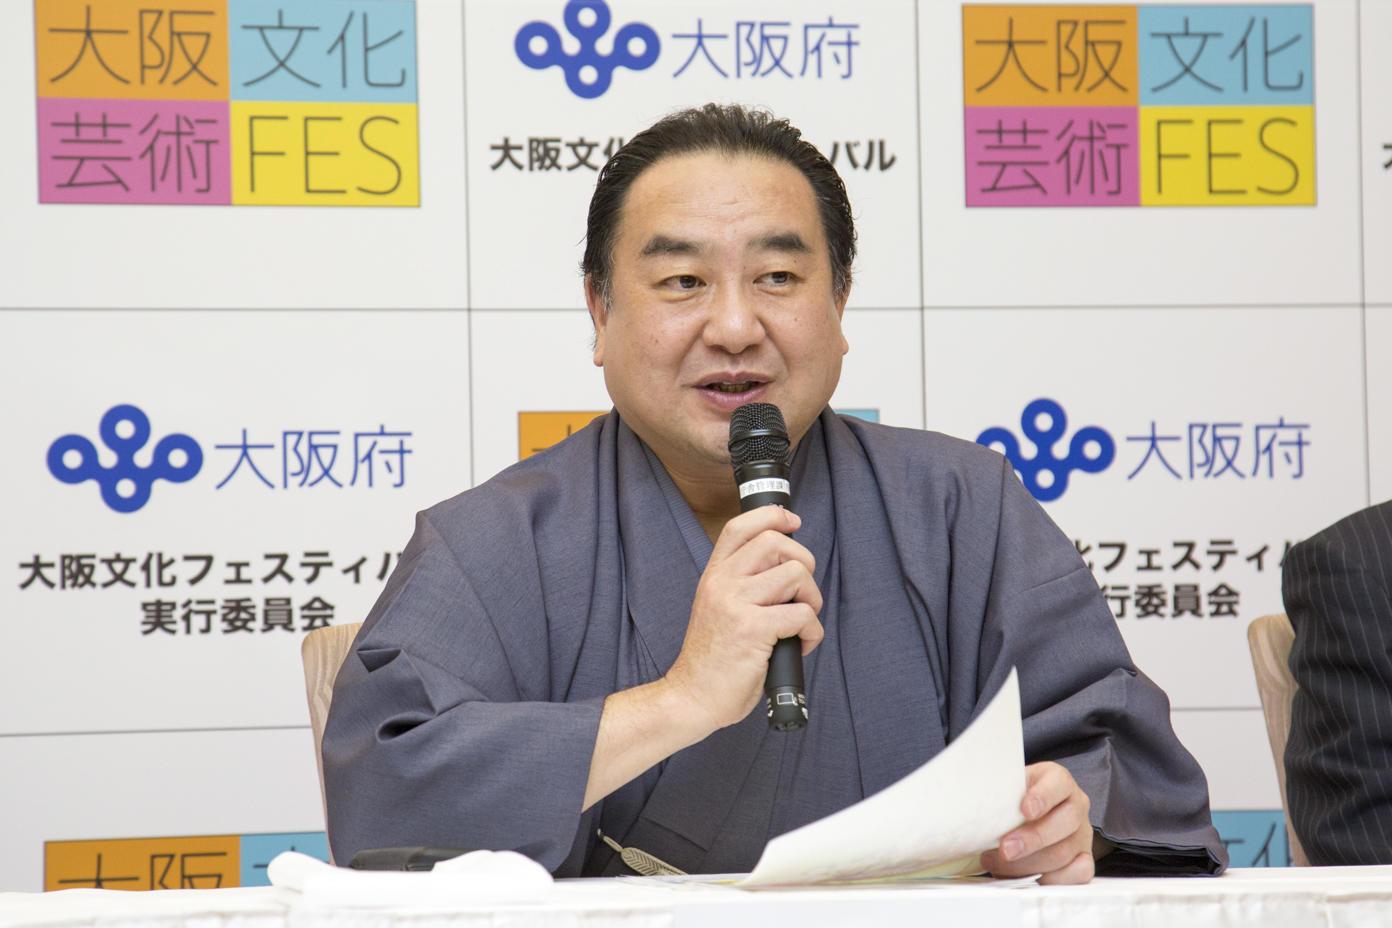 http://news.yoshimoto.co.jp/20170905232701-696d44f09ef5a0c4d66e556fe04a3fb16f1b8975.jpg